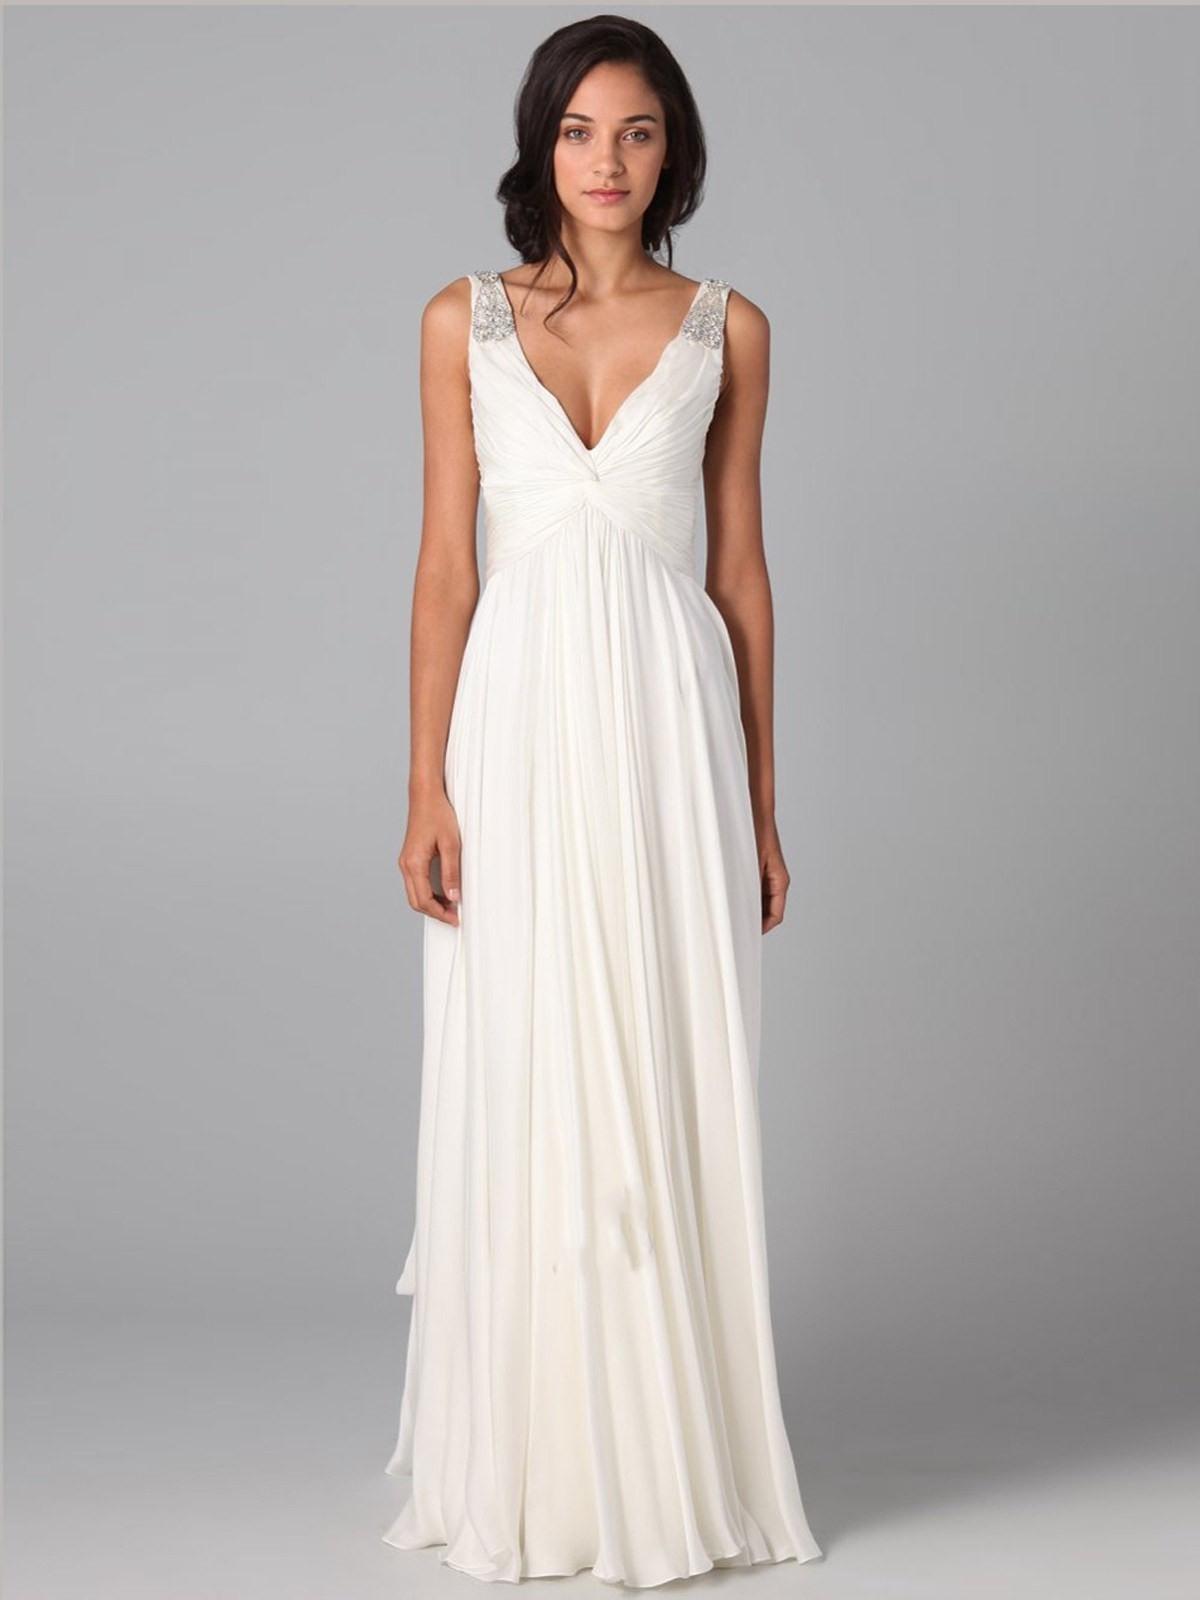 17 Luxus Weiße Kleider Lang Spezialgebiet15 Perfekt Weiße Kleider Lang Spezialgebiet